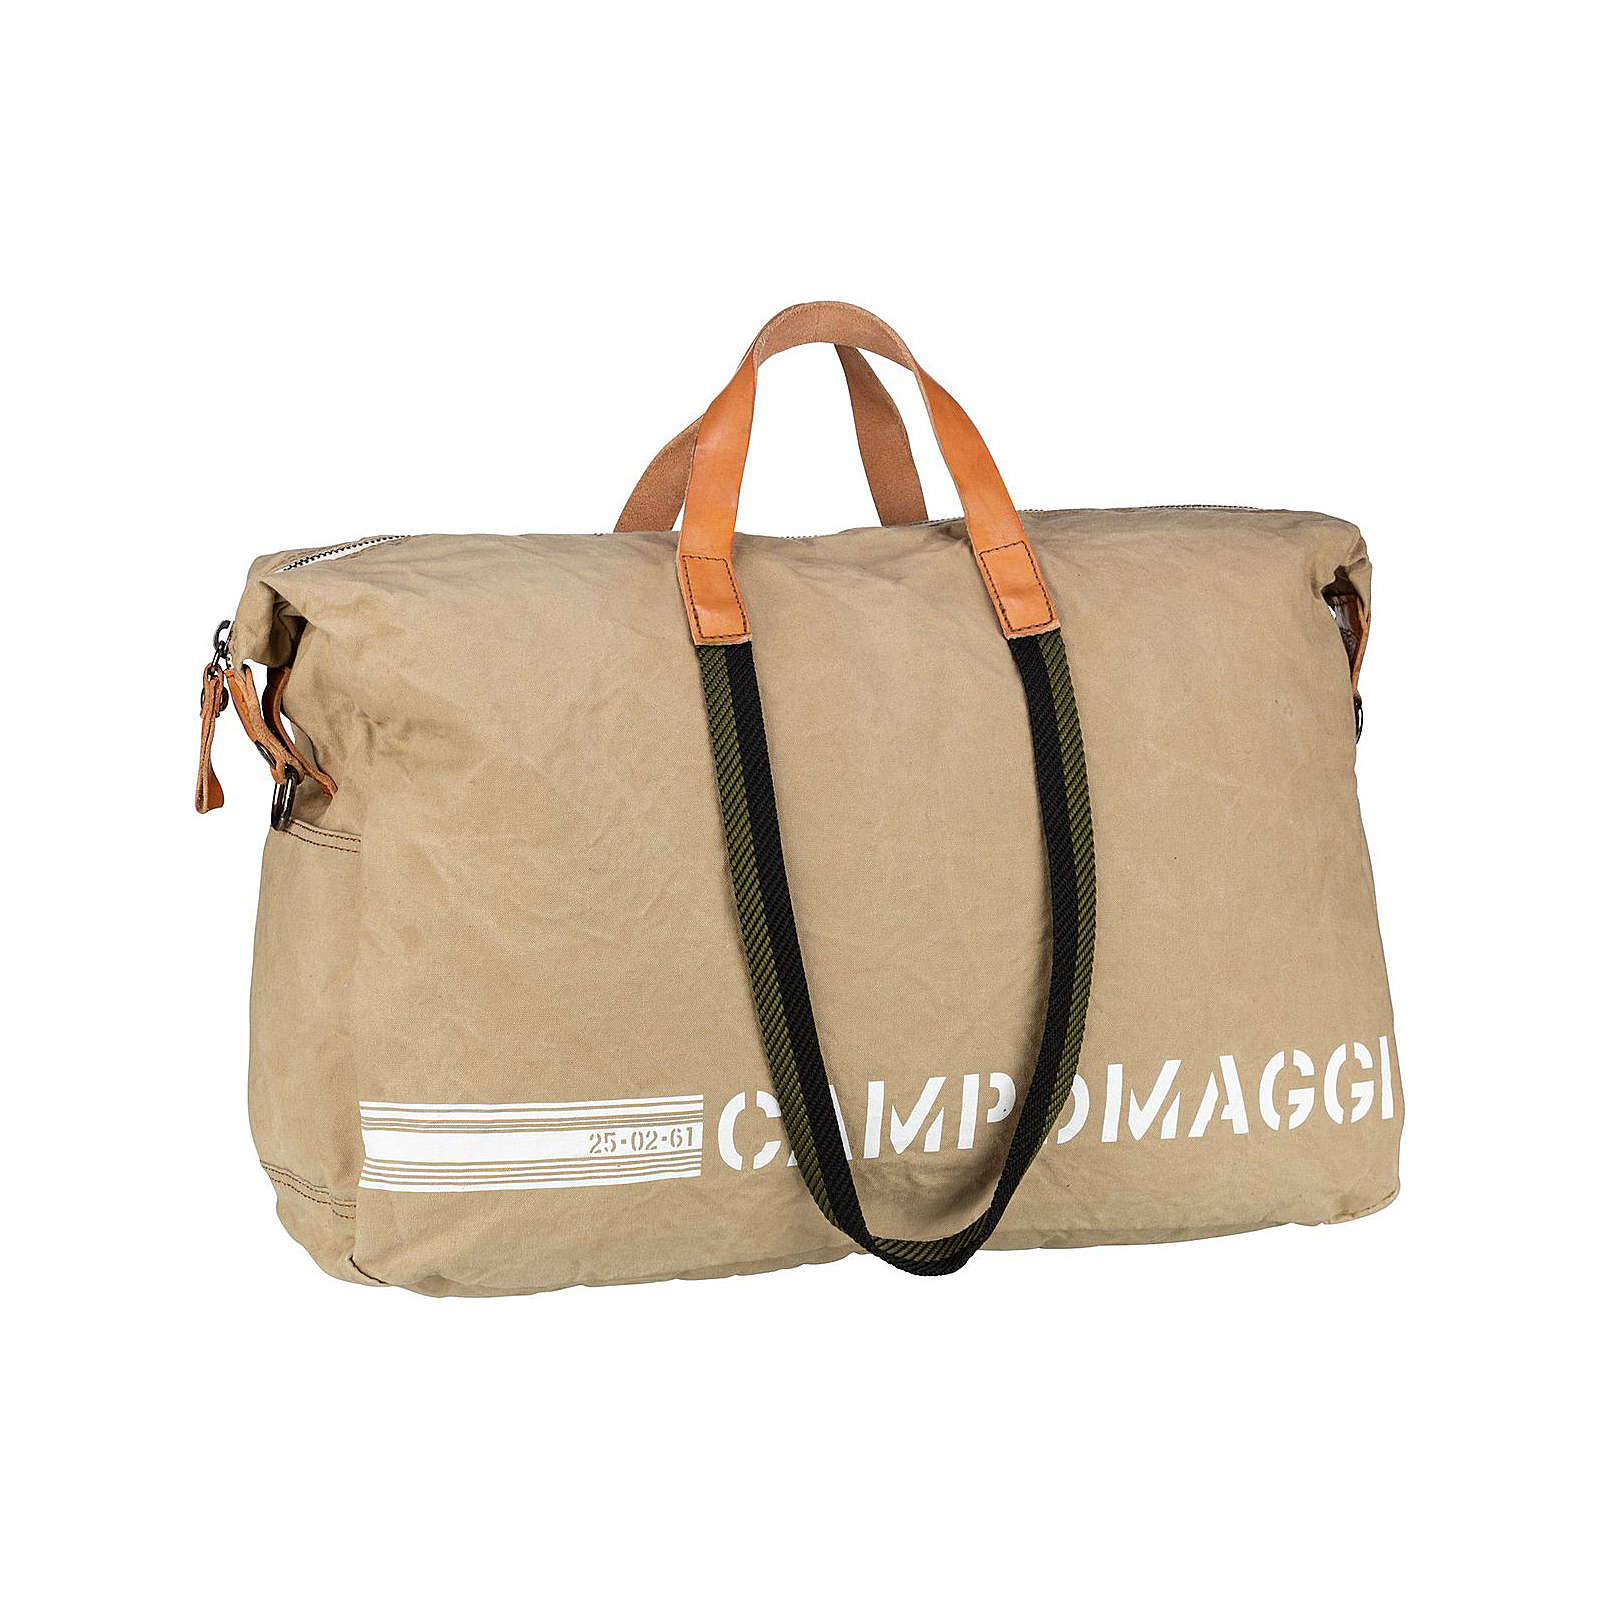 Campomaggi Reisetasche Torrechiara C21680 Reisetaschen beige Herren